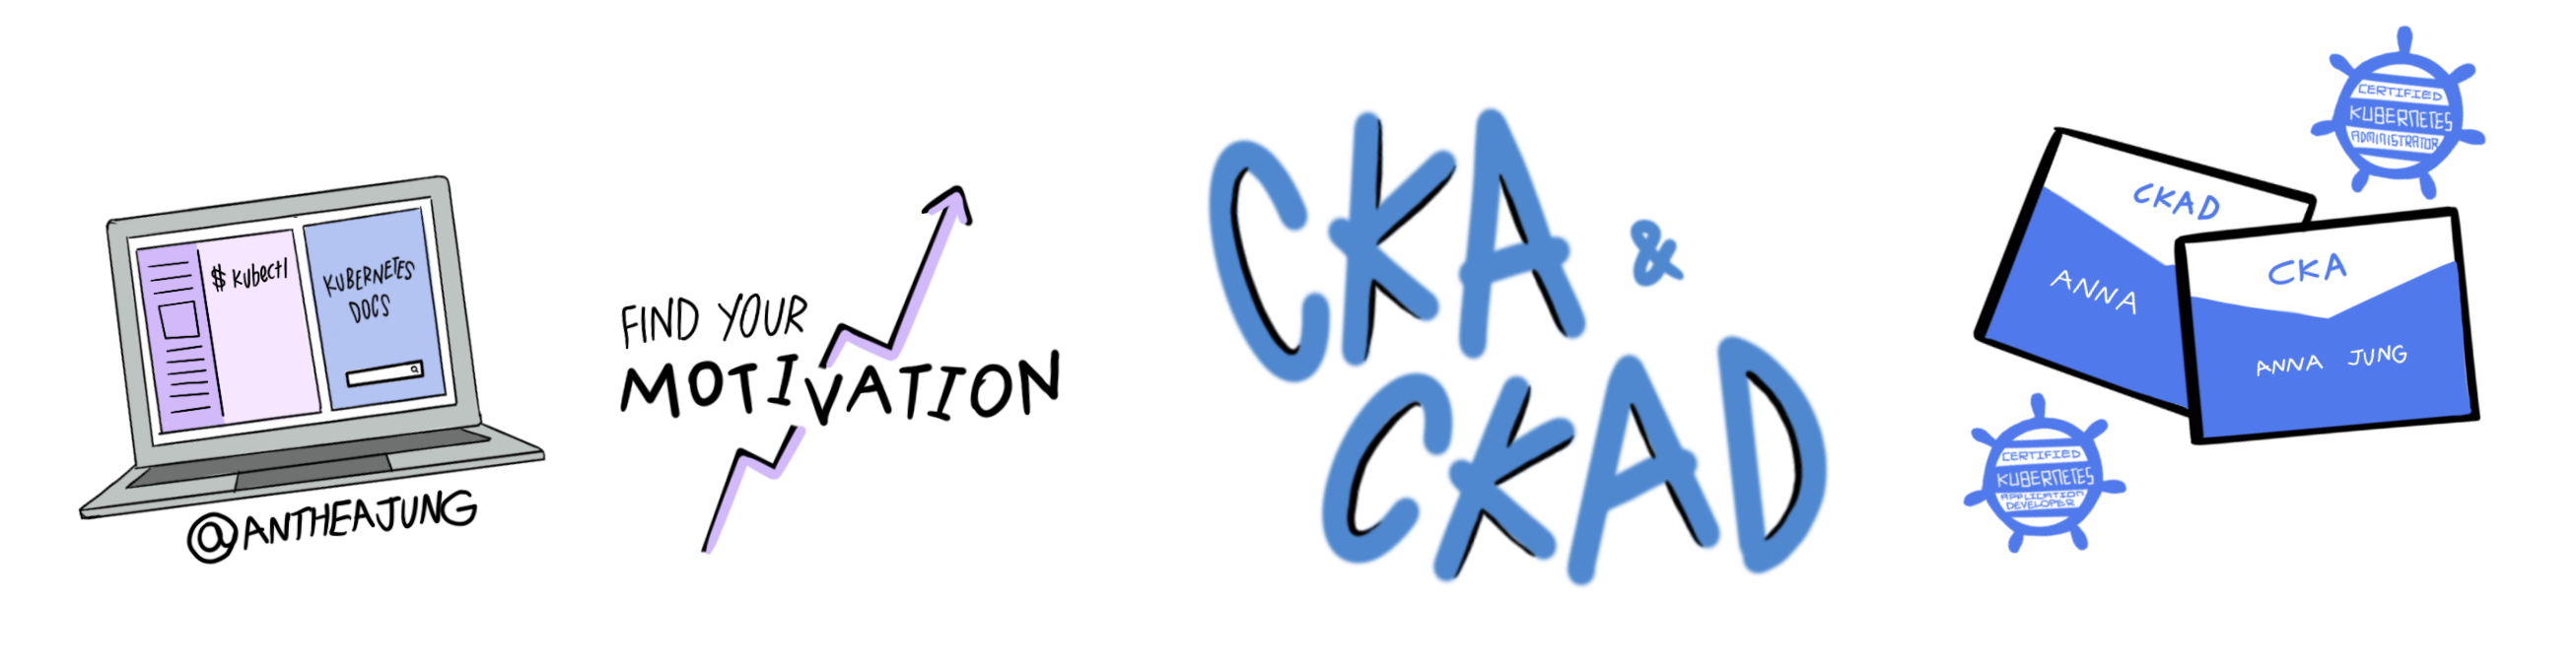 CKAD and CKA Sketchnote